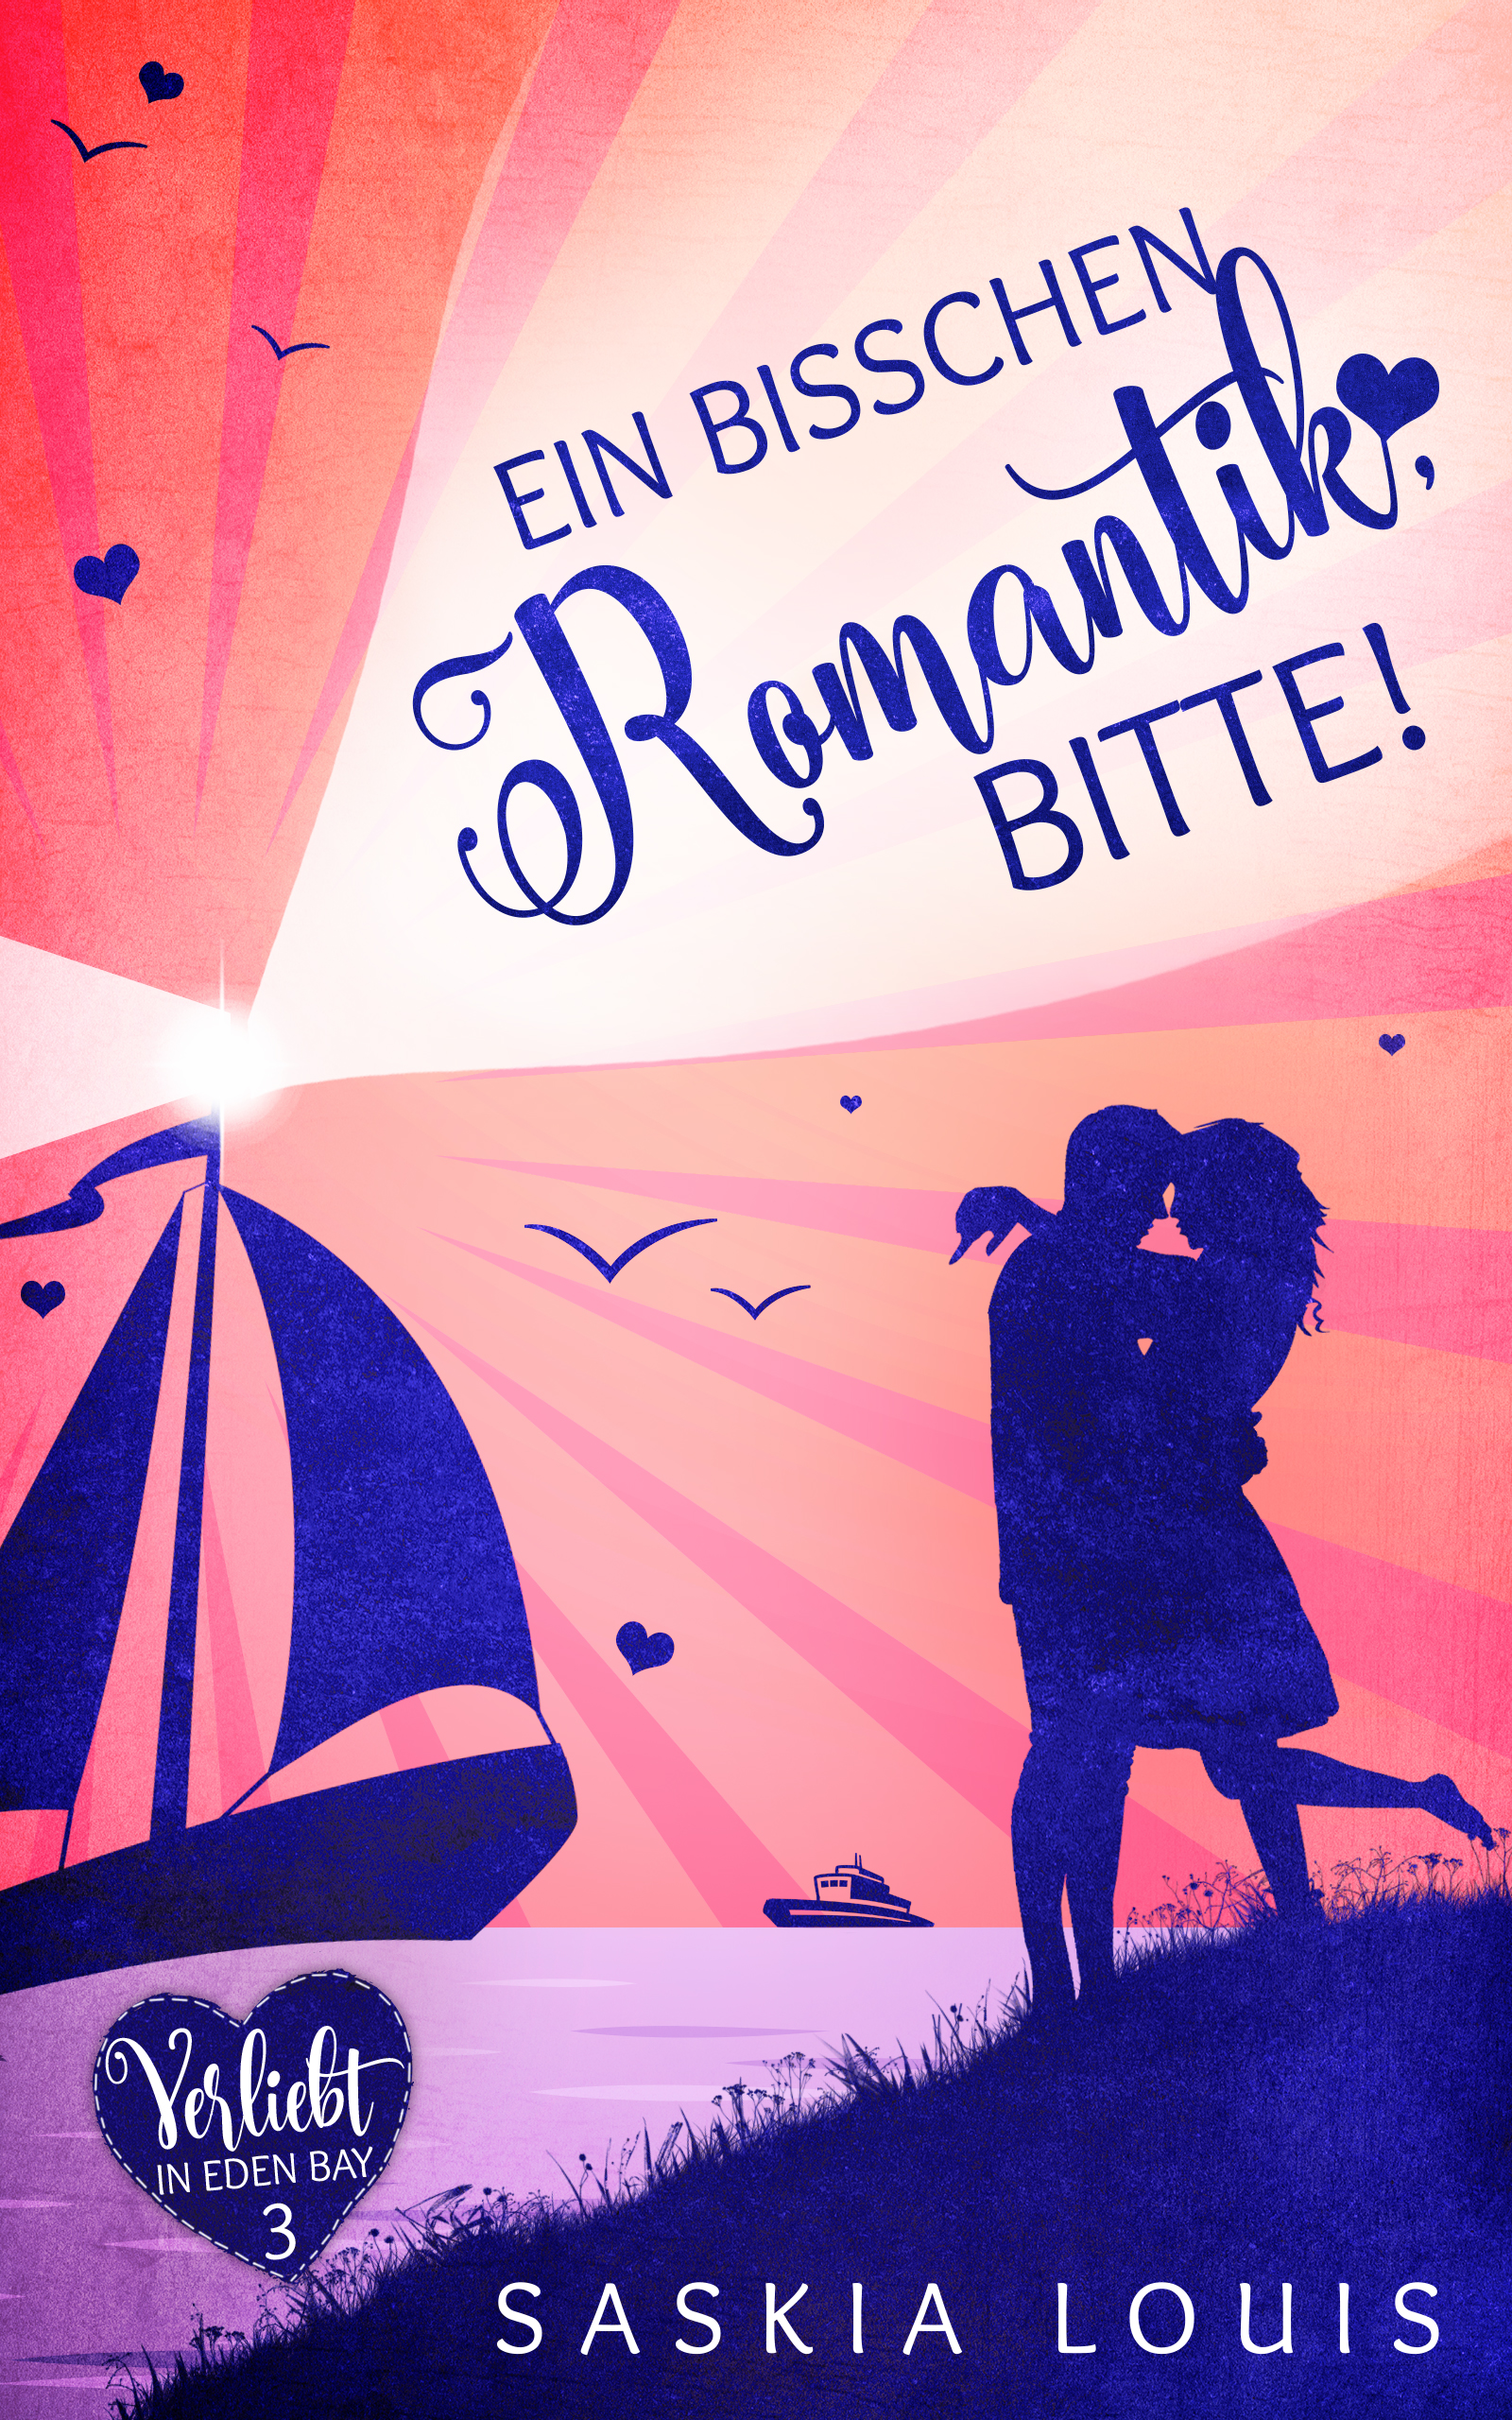 Ein bisschen romantik bitte3